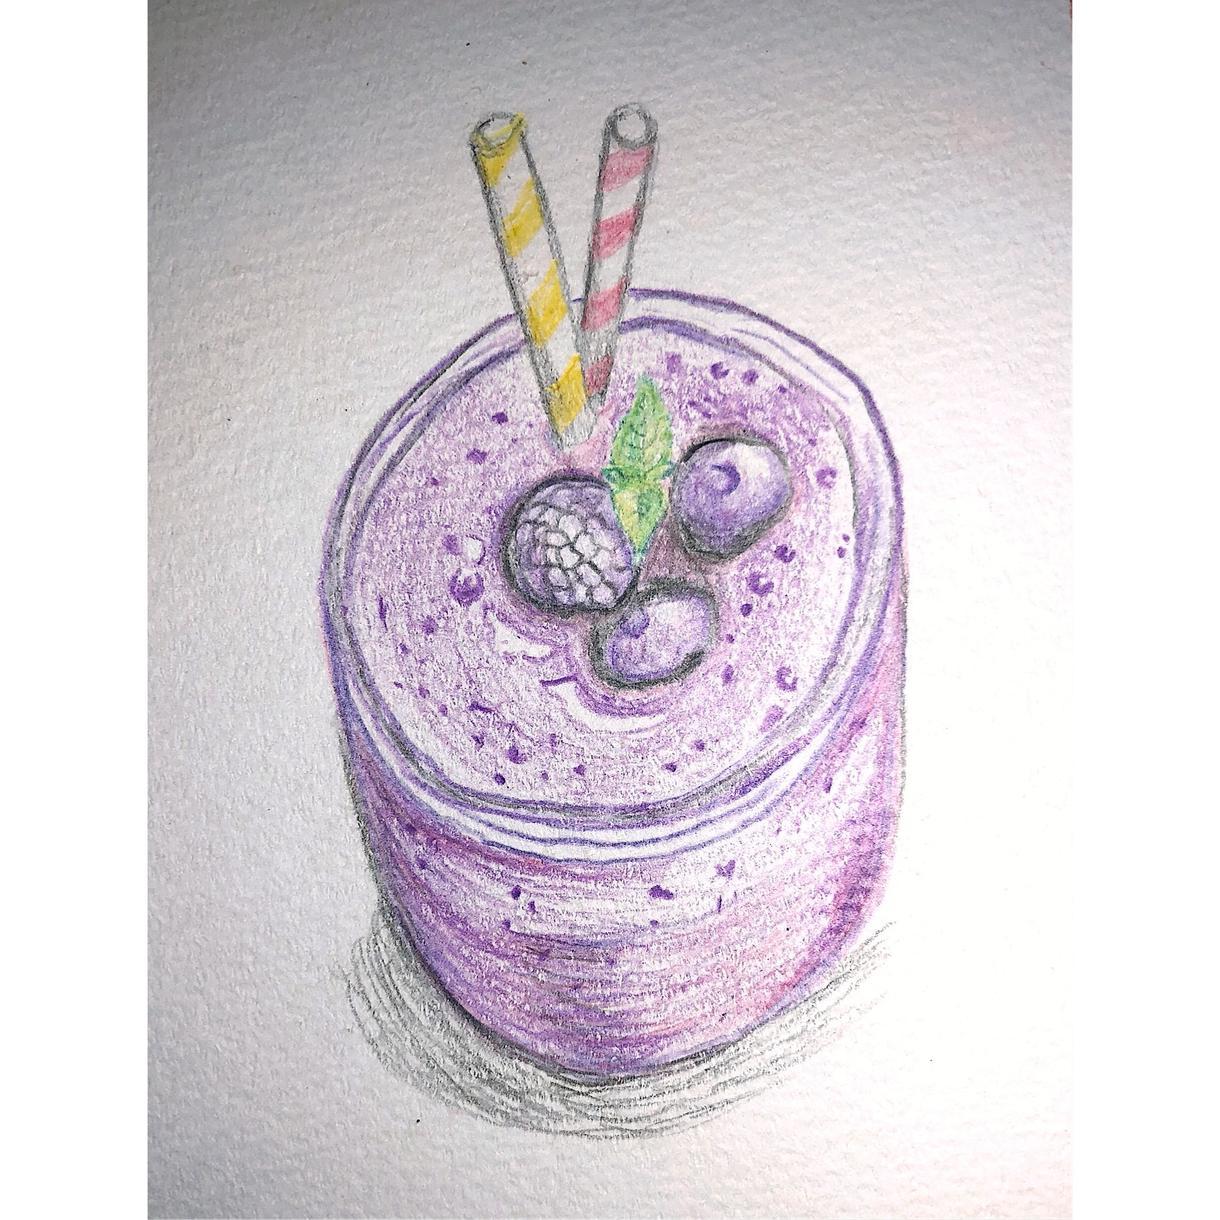 メニュー作成などに!写真を元に絵を描きます 飲食店でのメニューに載せる料理の絵や、インテリアアートなど